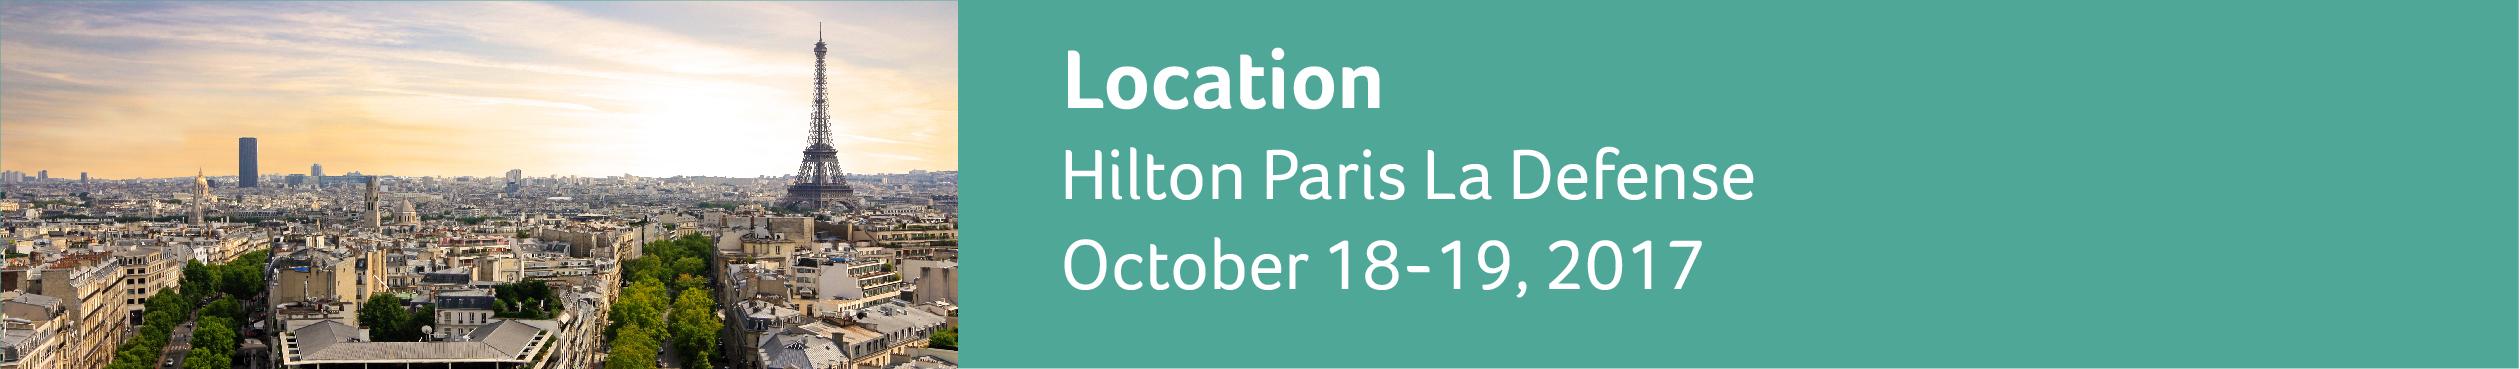 ASG_Evolve_Paris_location-01